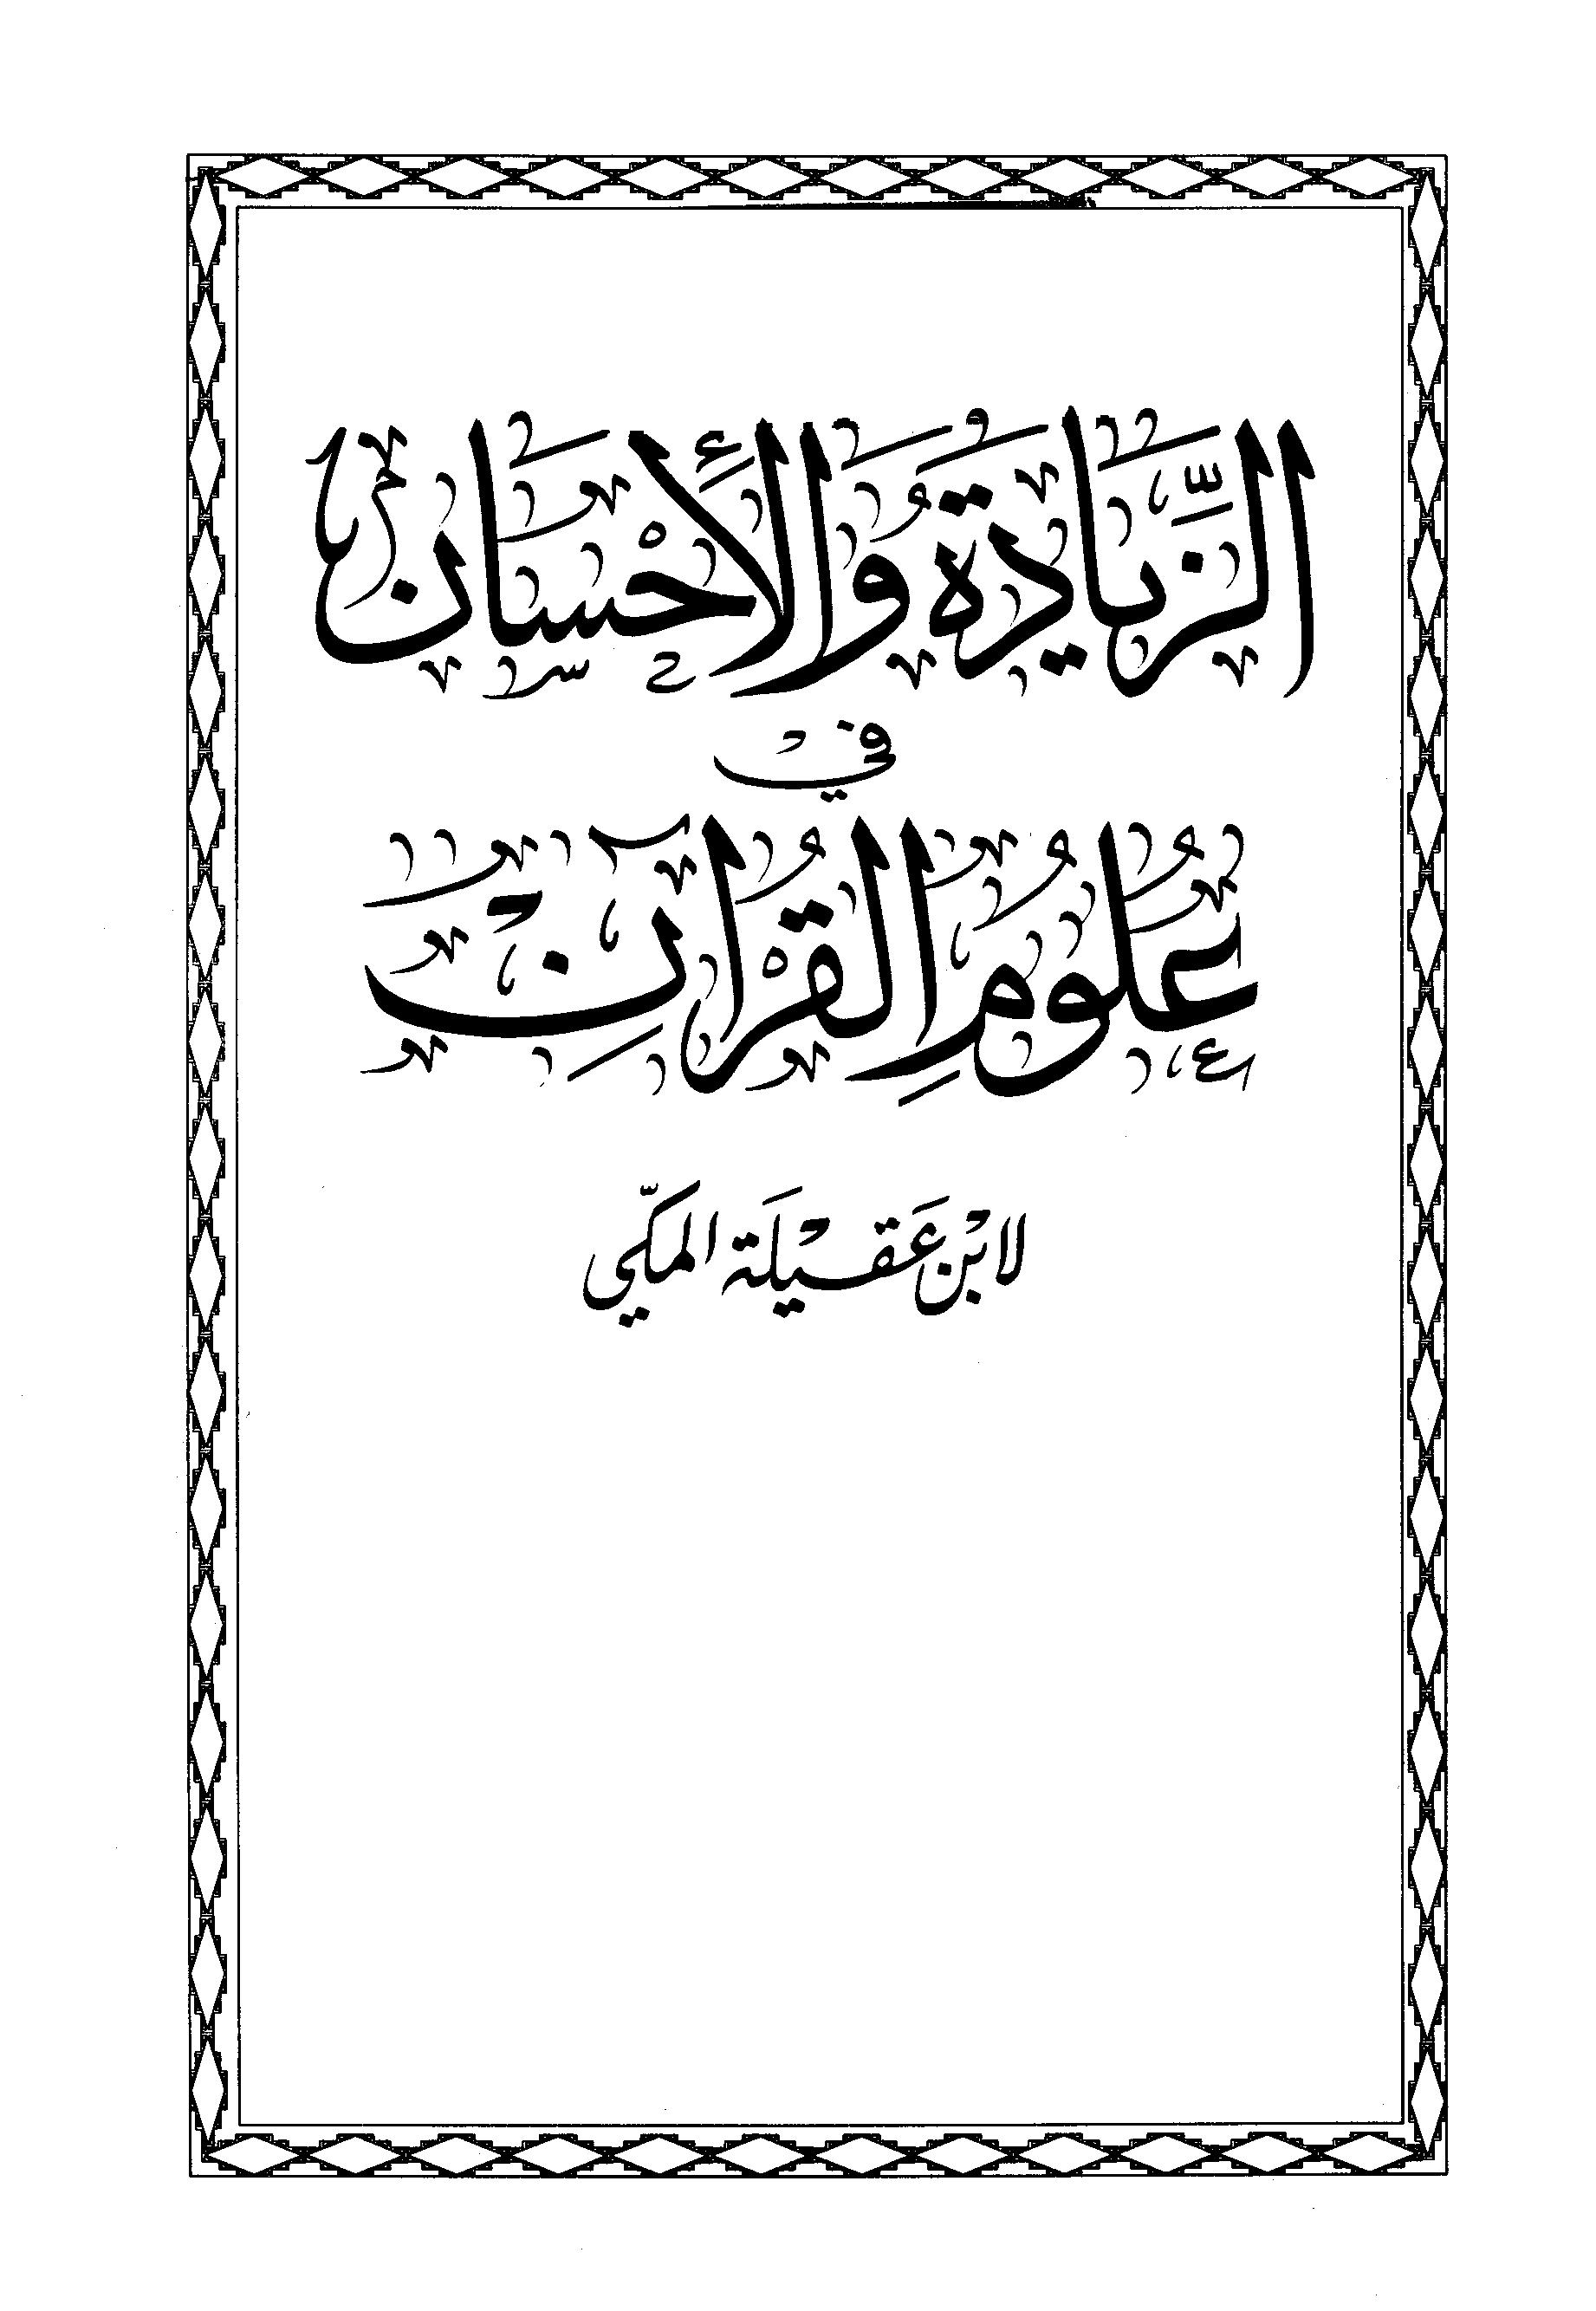 تحميل كتاب الزيادة والإحسان في علوم القرآن لـِ: ابن عقيلة المكي